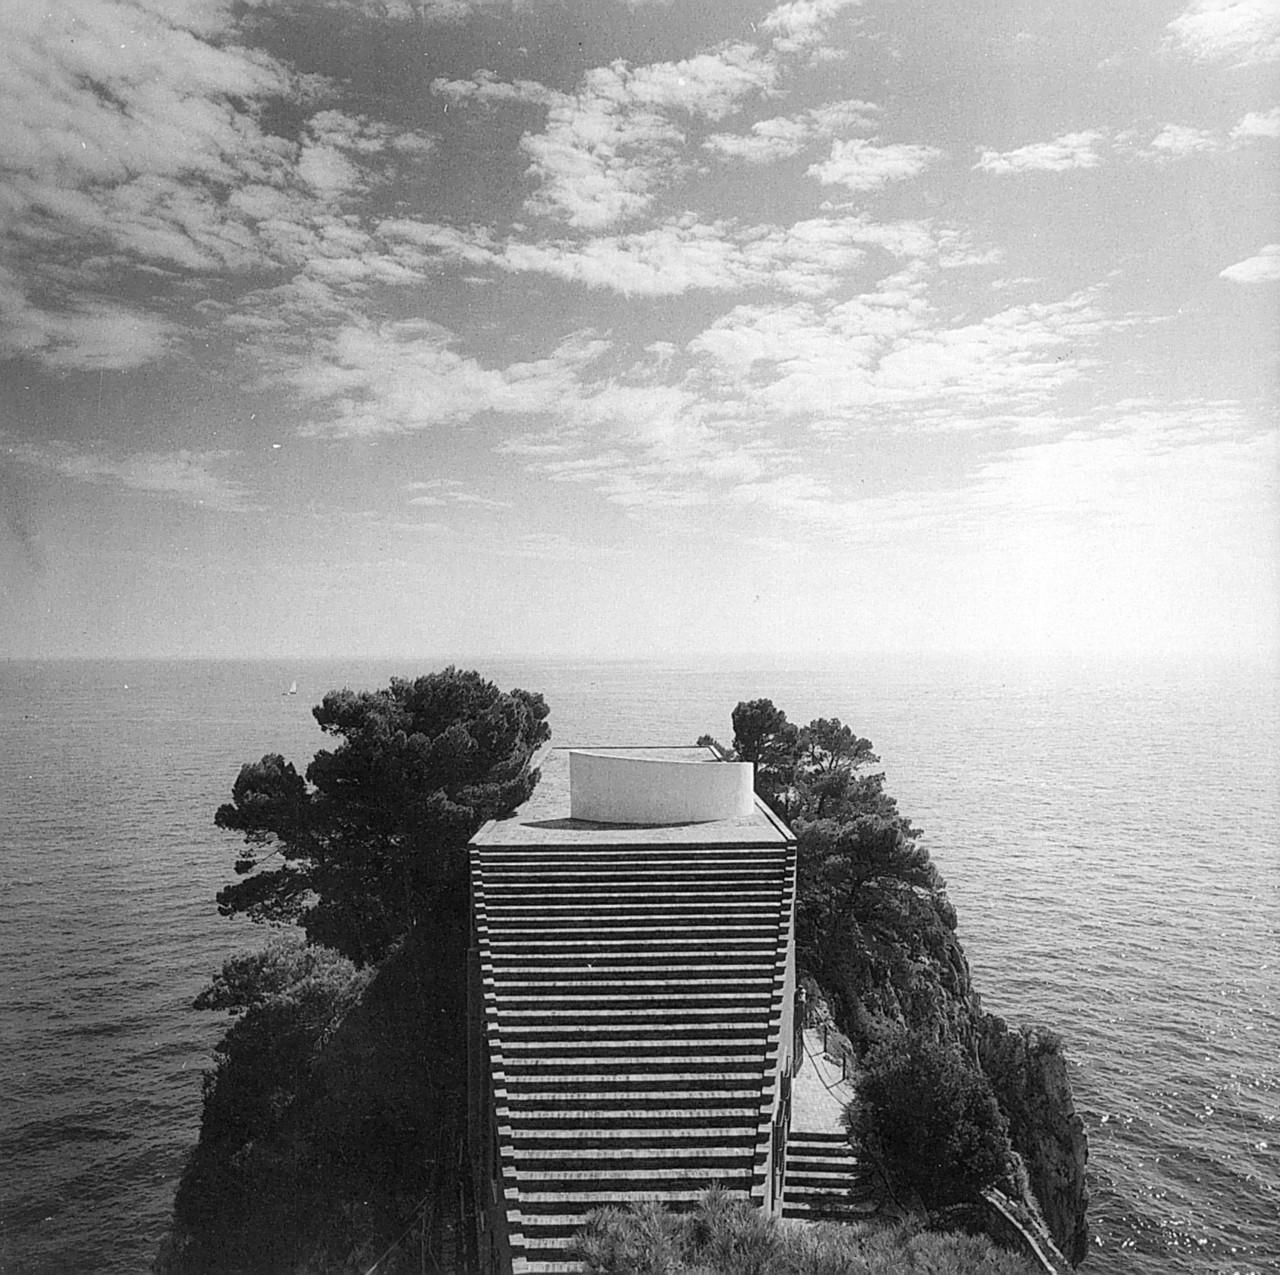 Portada-Primera foto Casa Malaparte. Gabrielle Basilico, 1982